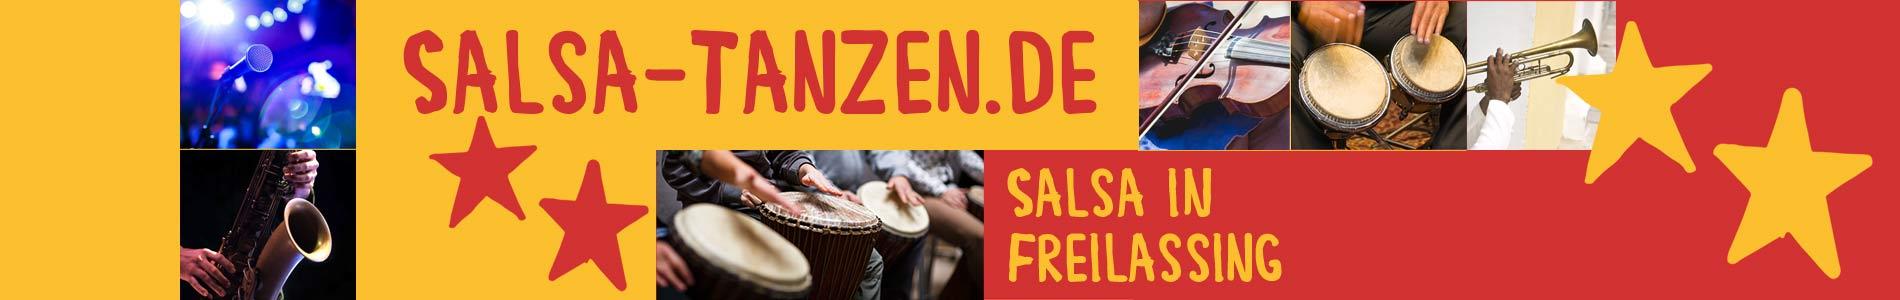 Salsa in Freilassing – Salsa lernen und tanzen, Tanzkurse, Partys, Veranstaltungen